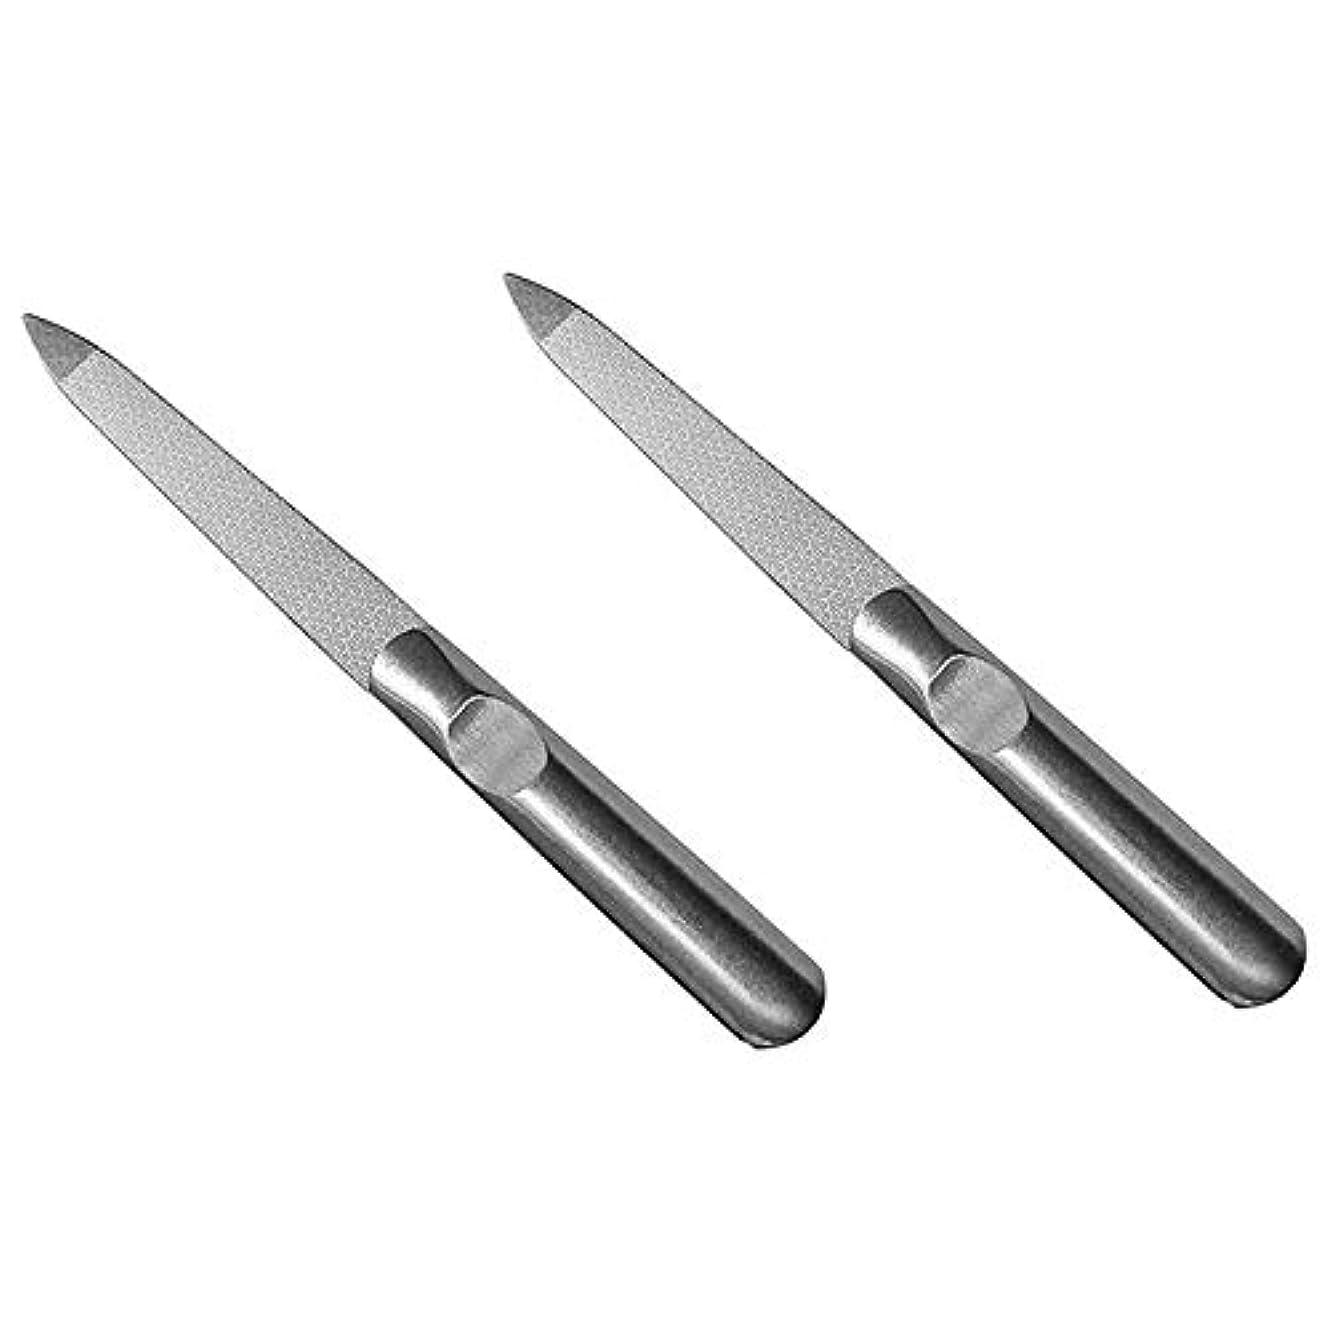 相談する測る潜むSemoic 2個 ステンレススチール ネイルファイル 両面マット アーマー美容ツール Yangjiang爪 腐食の防止鎧